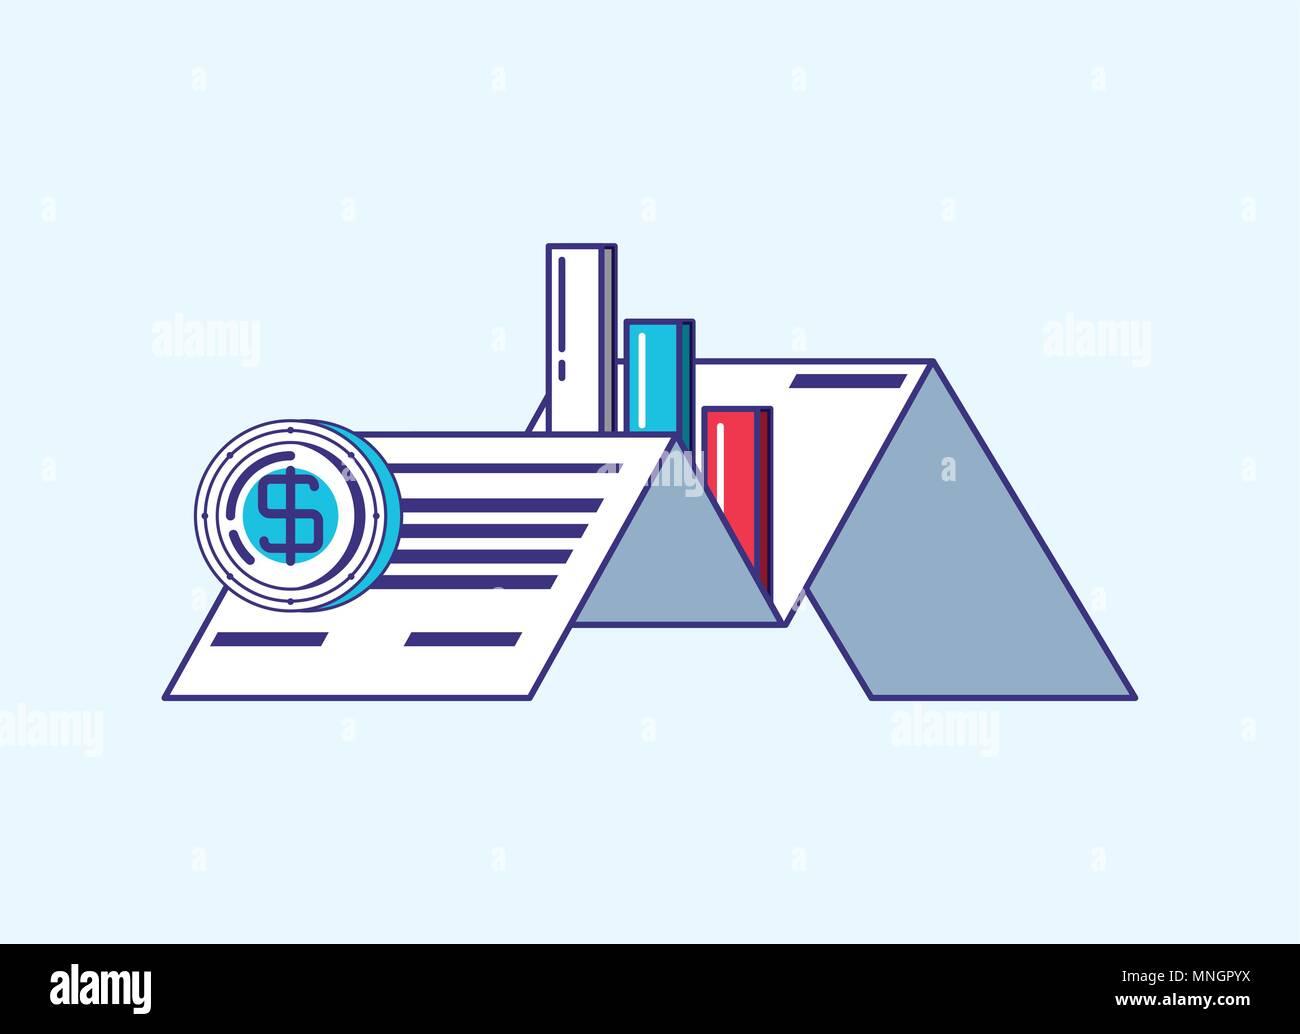 Documento aziendale con tecnologia finanziaria le relative icone su sfondo bianco, design colorato. illustrazione vettoriale Immagini Stock